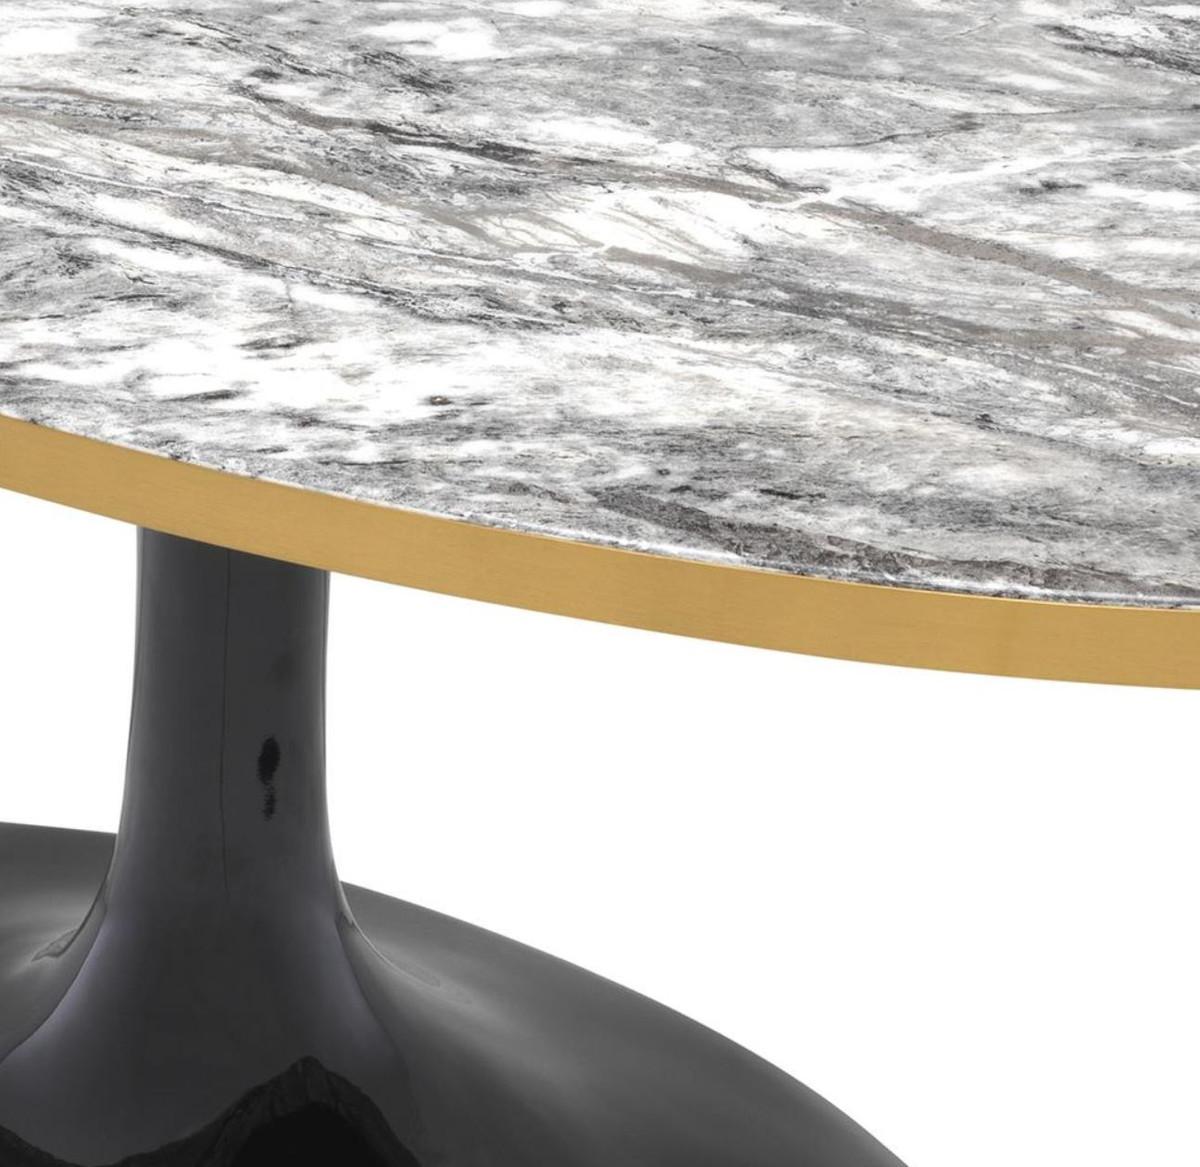 Casa padrino luxus couchtisch grau messing schwarz 120 for Wohnzimmertisch 60 x 120